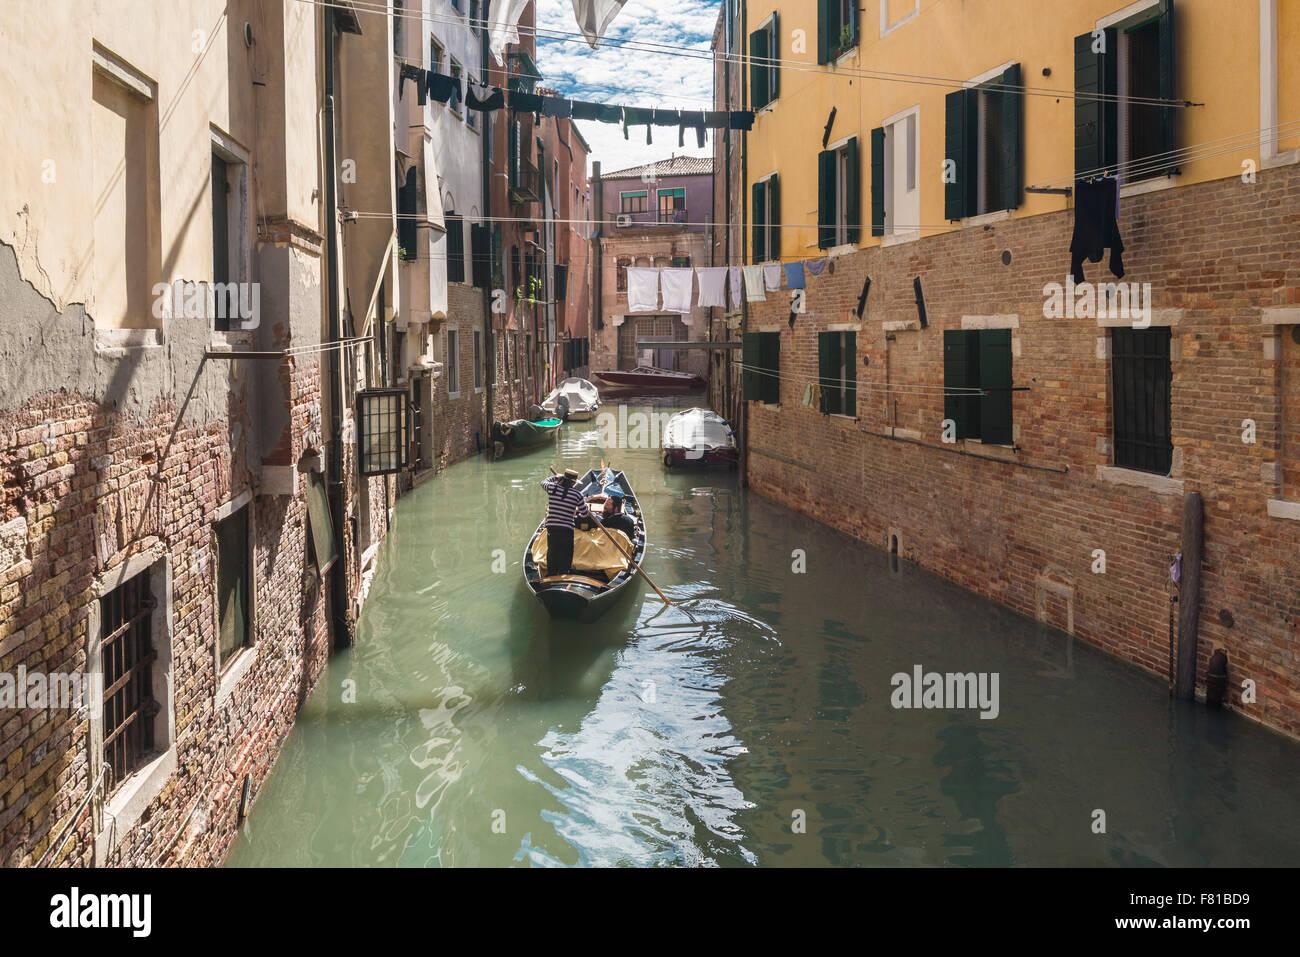 La góndola en el río Ghetto, gueto judío del siglo XVI, Cannaregio, Venecia, Véneto, Italia Imagen De Stock